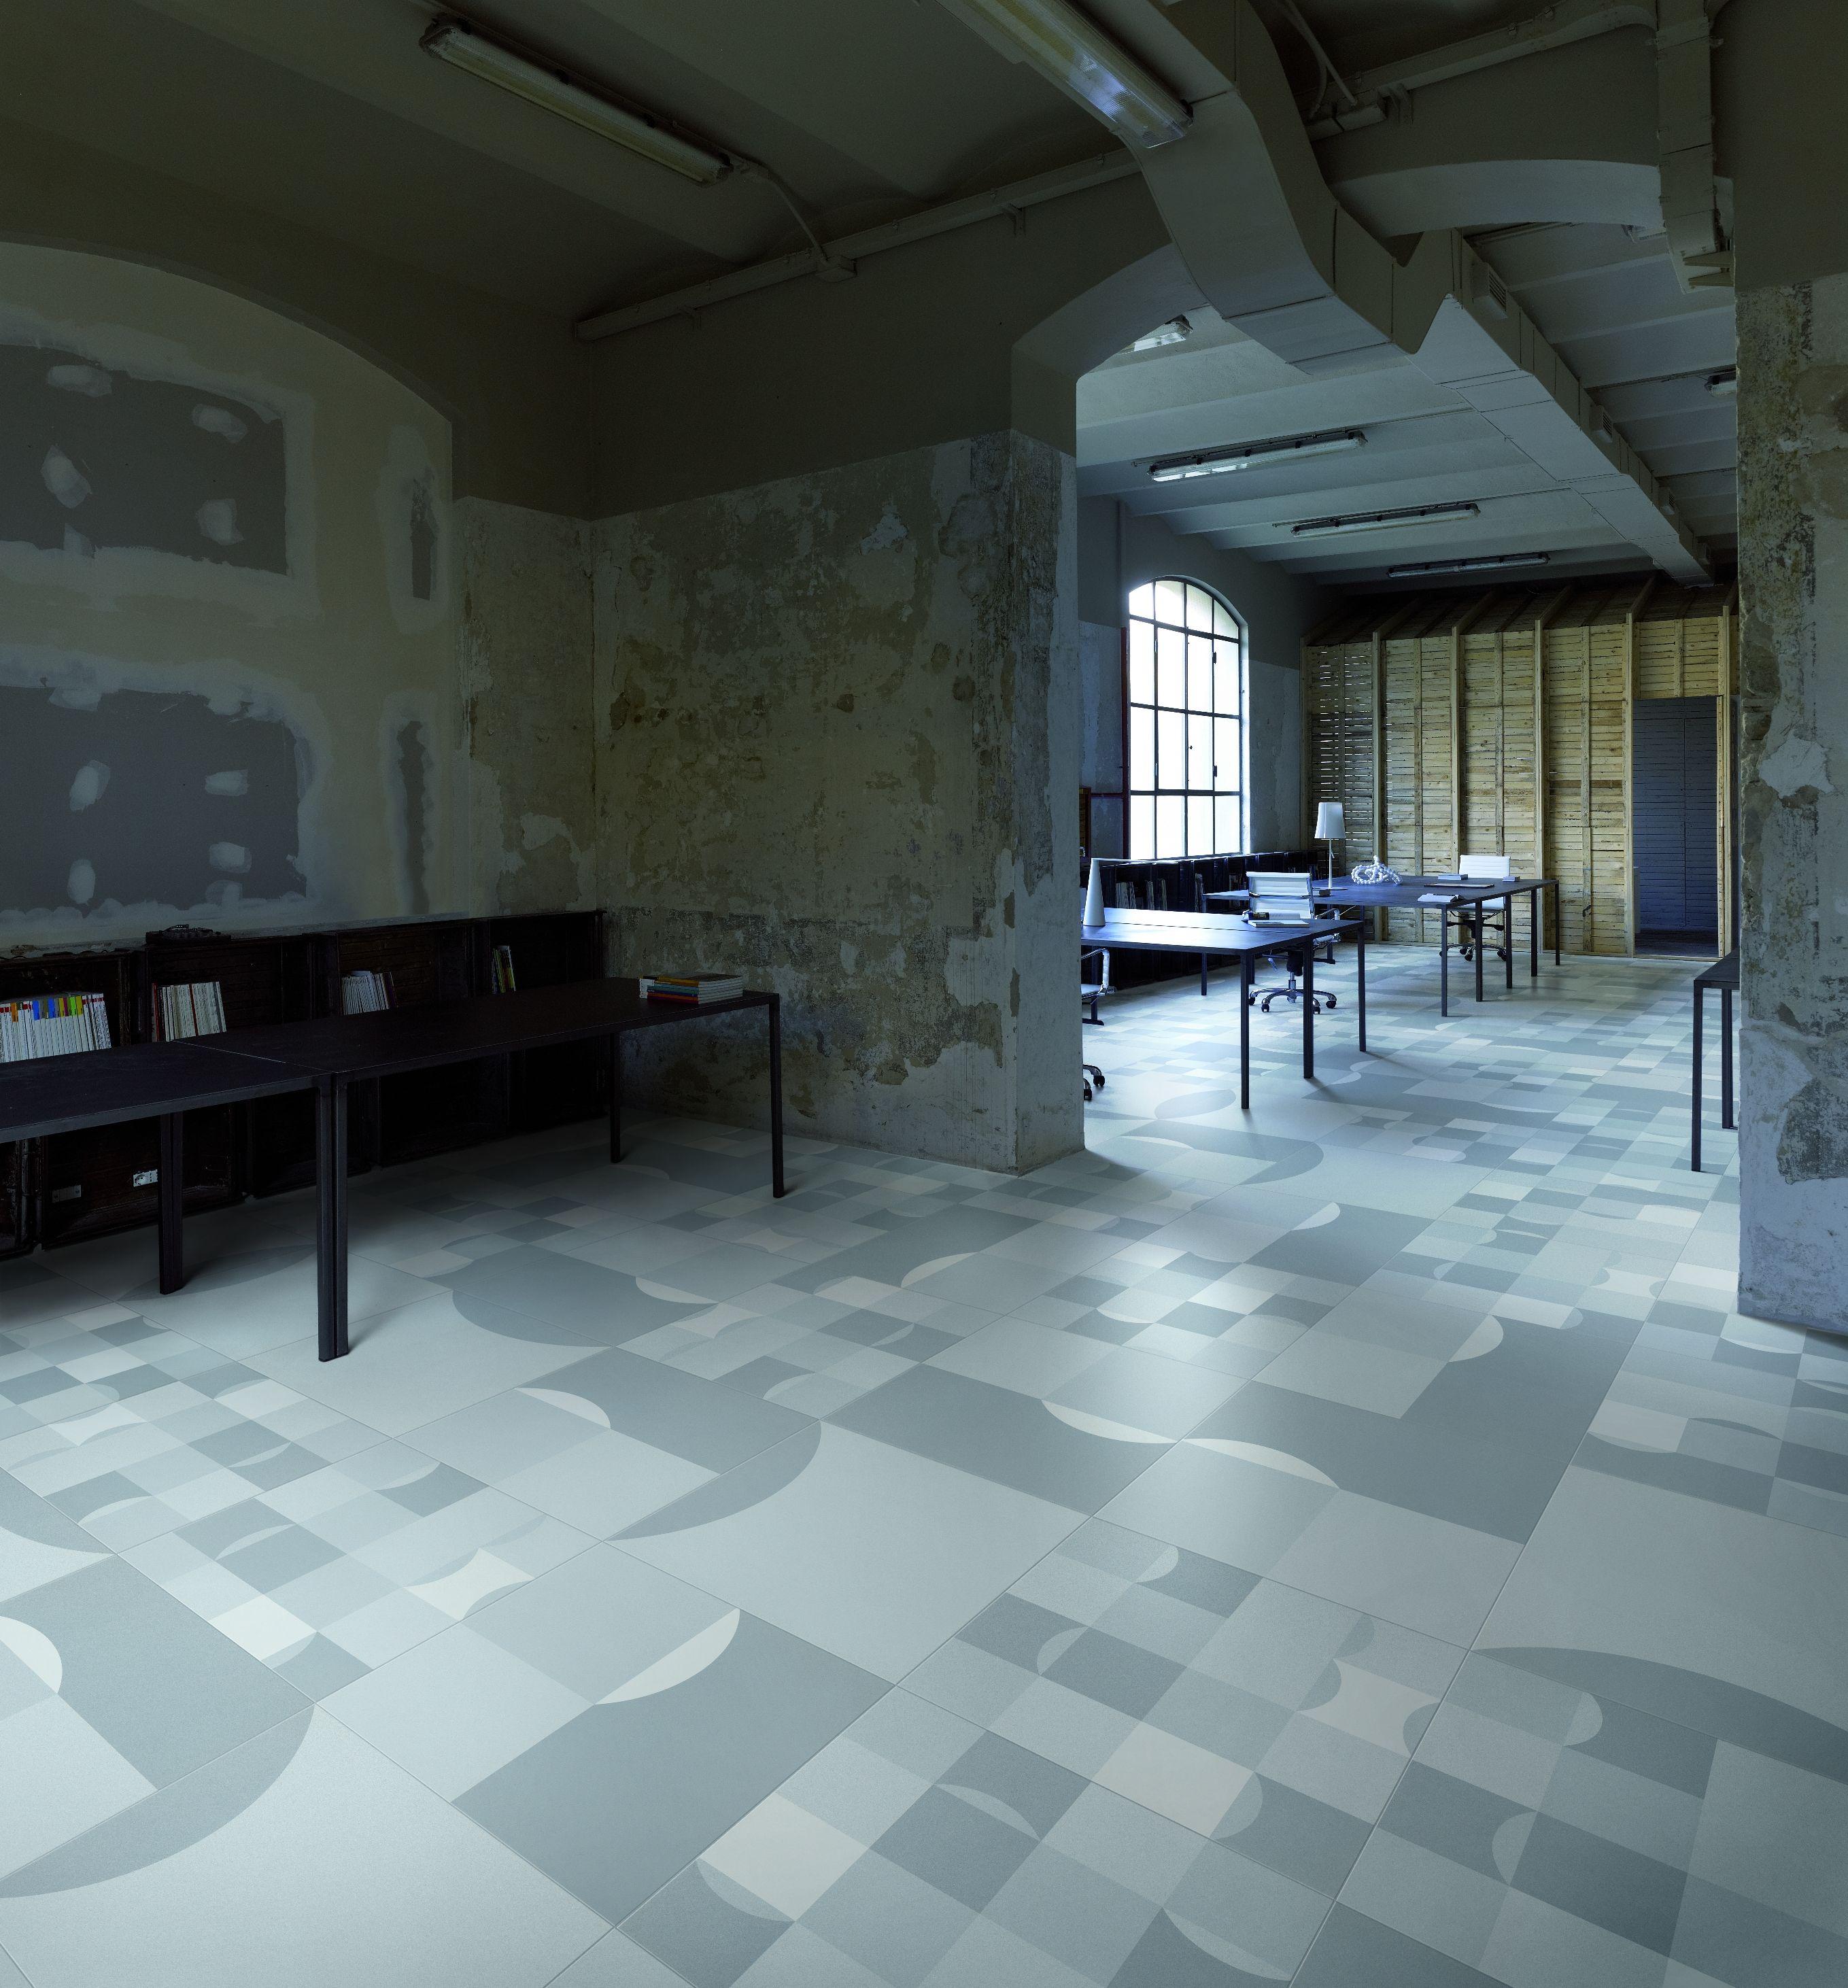 60x60 patchwork vloertegels design met grafische patronen (tegels ...